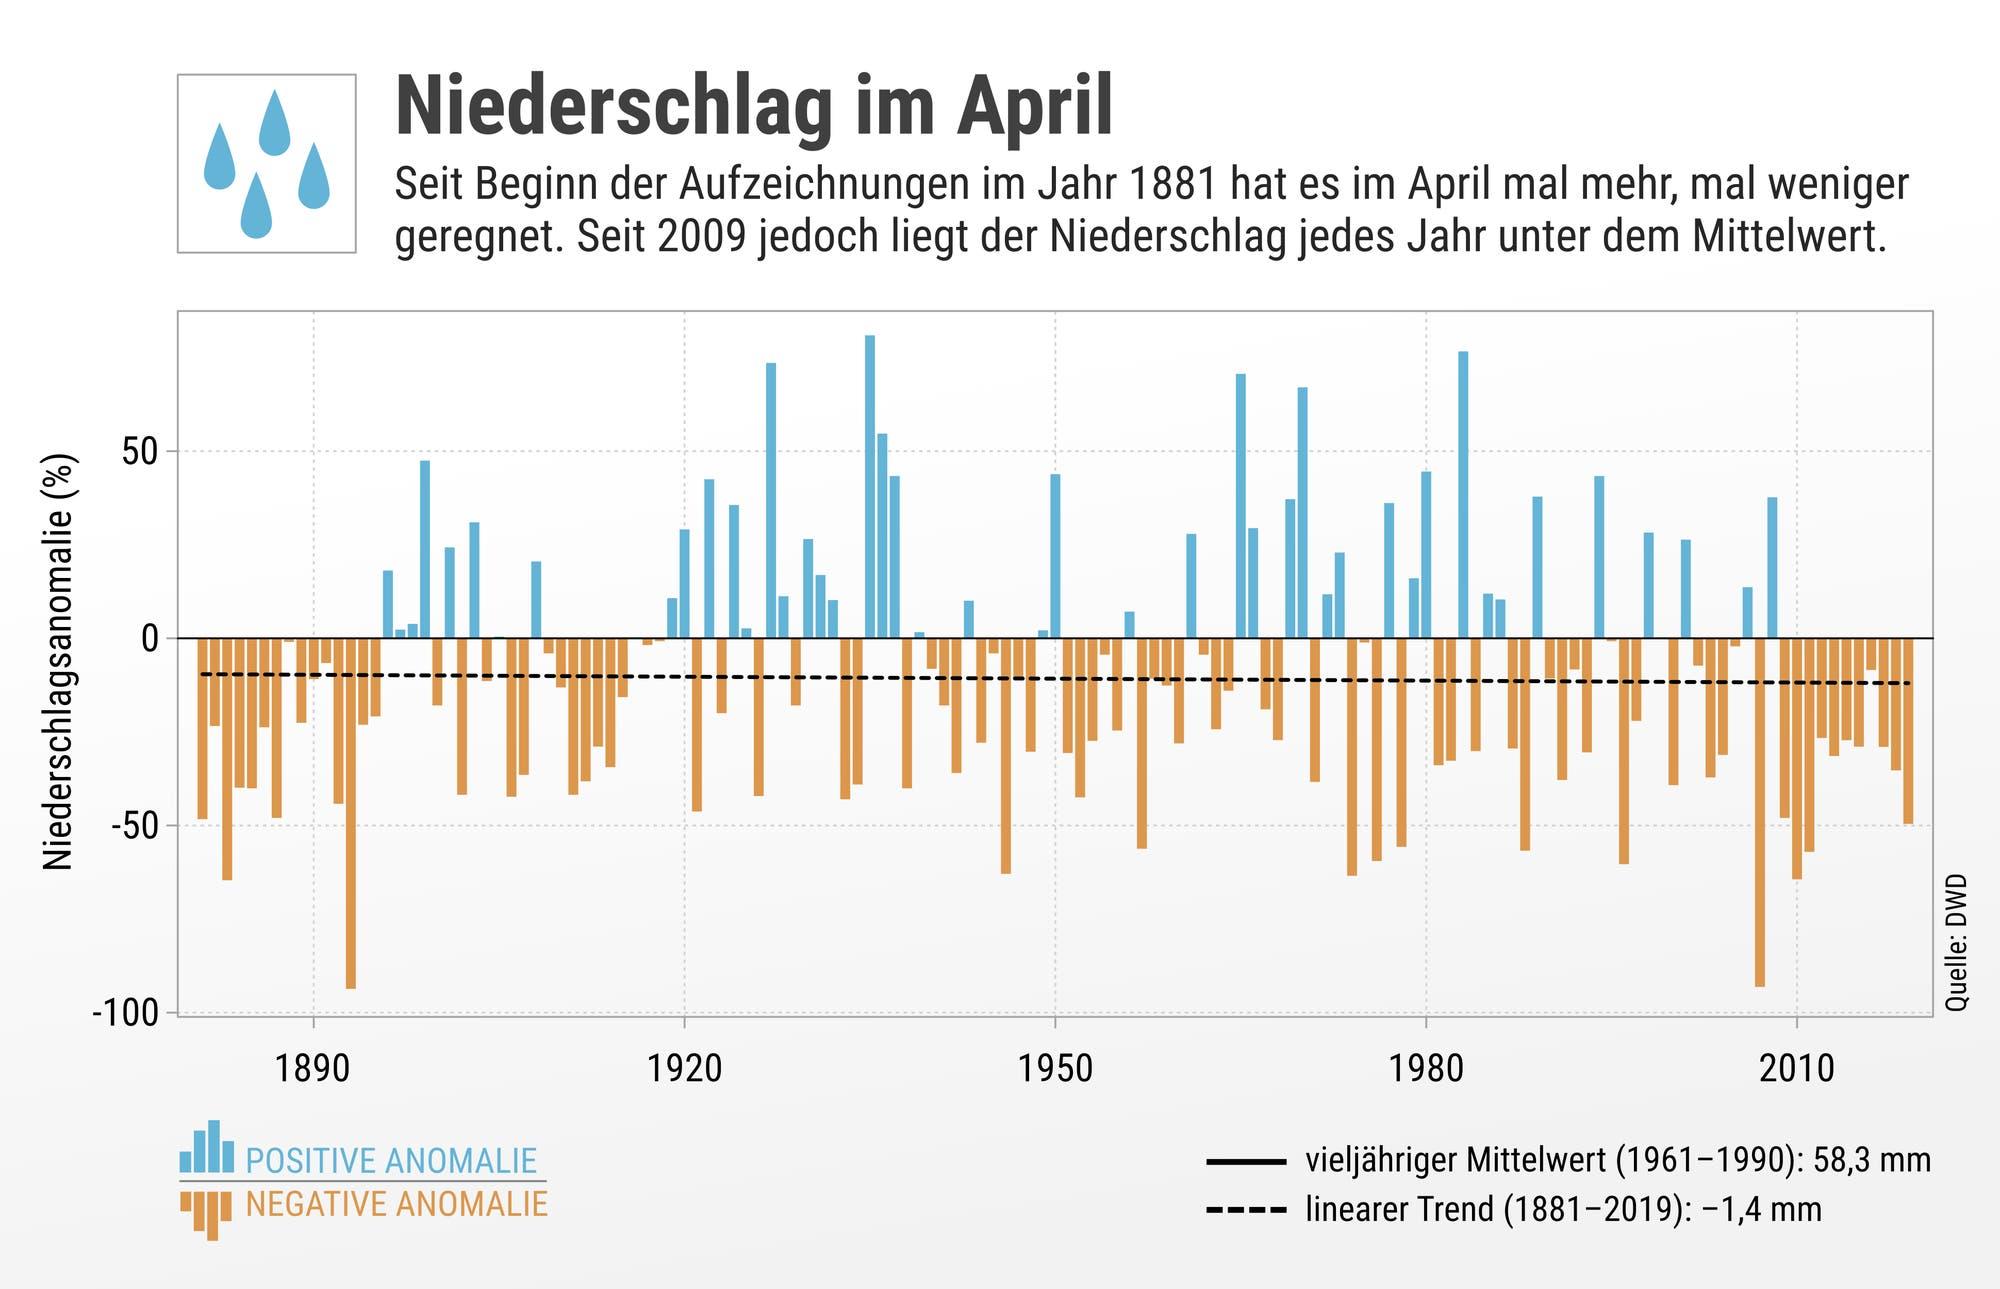 Die Grafik zeigt den Niederschlag im April.